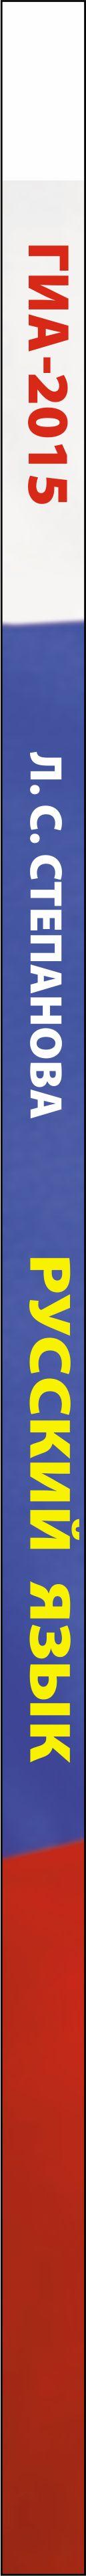 ГИА-2015. Русский язык. 9 класс. 30 типовых вариантов экзаменационных работ для подготовки к основному государственному экзамену